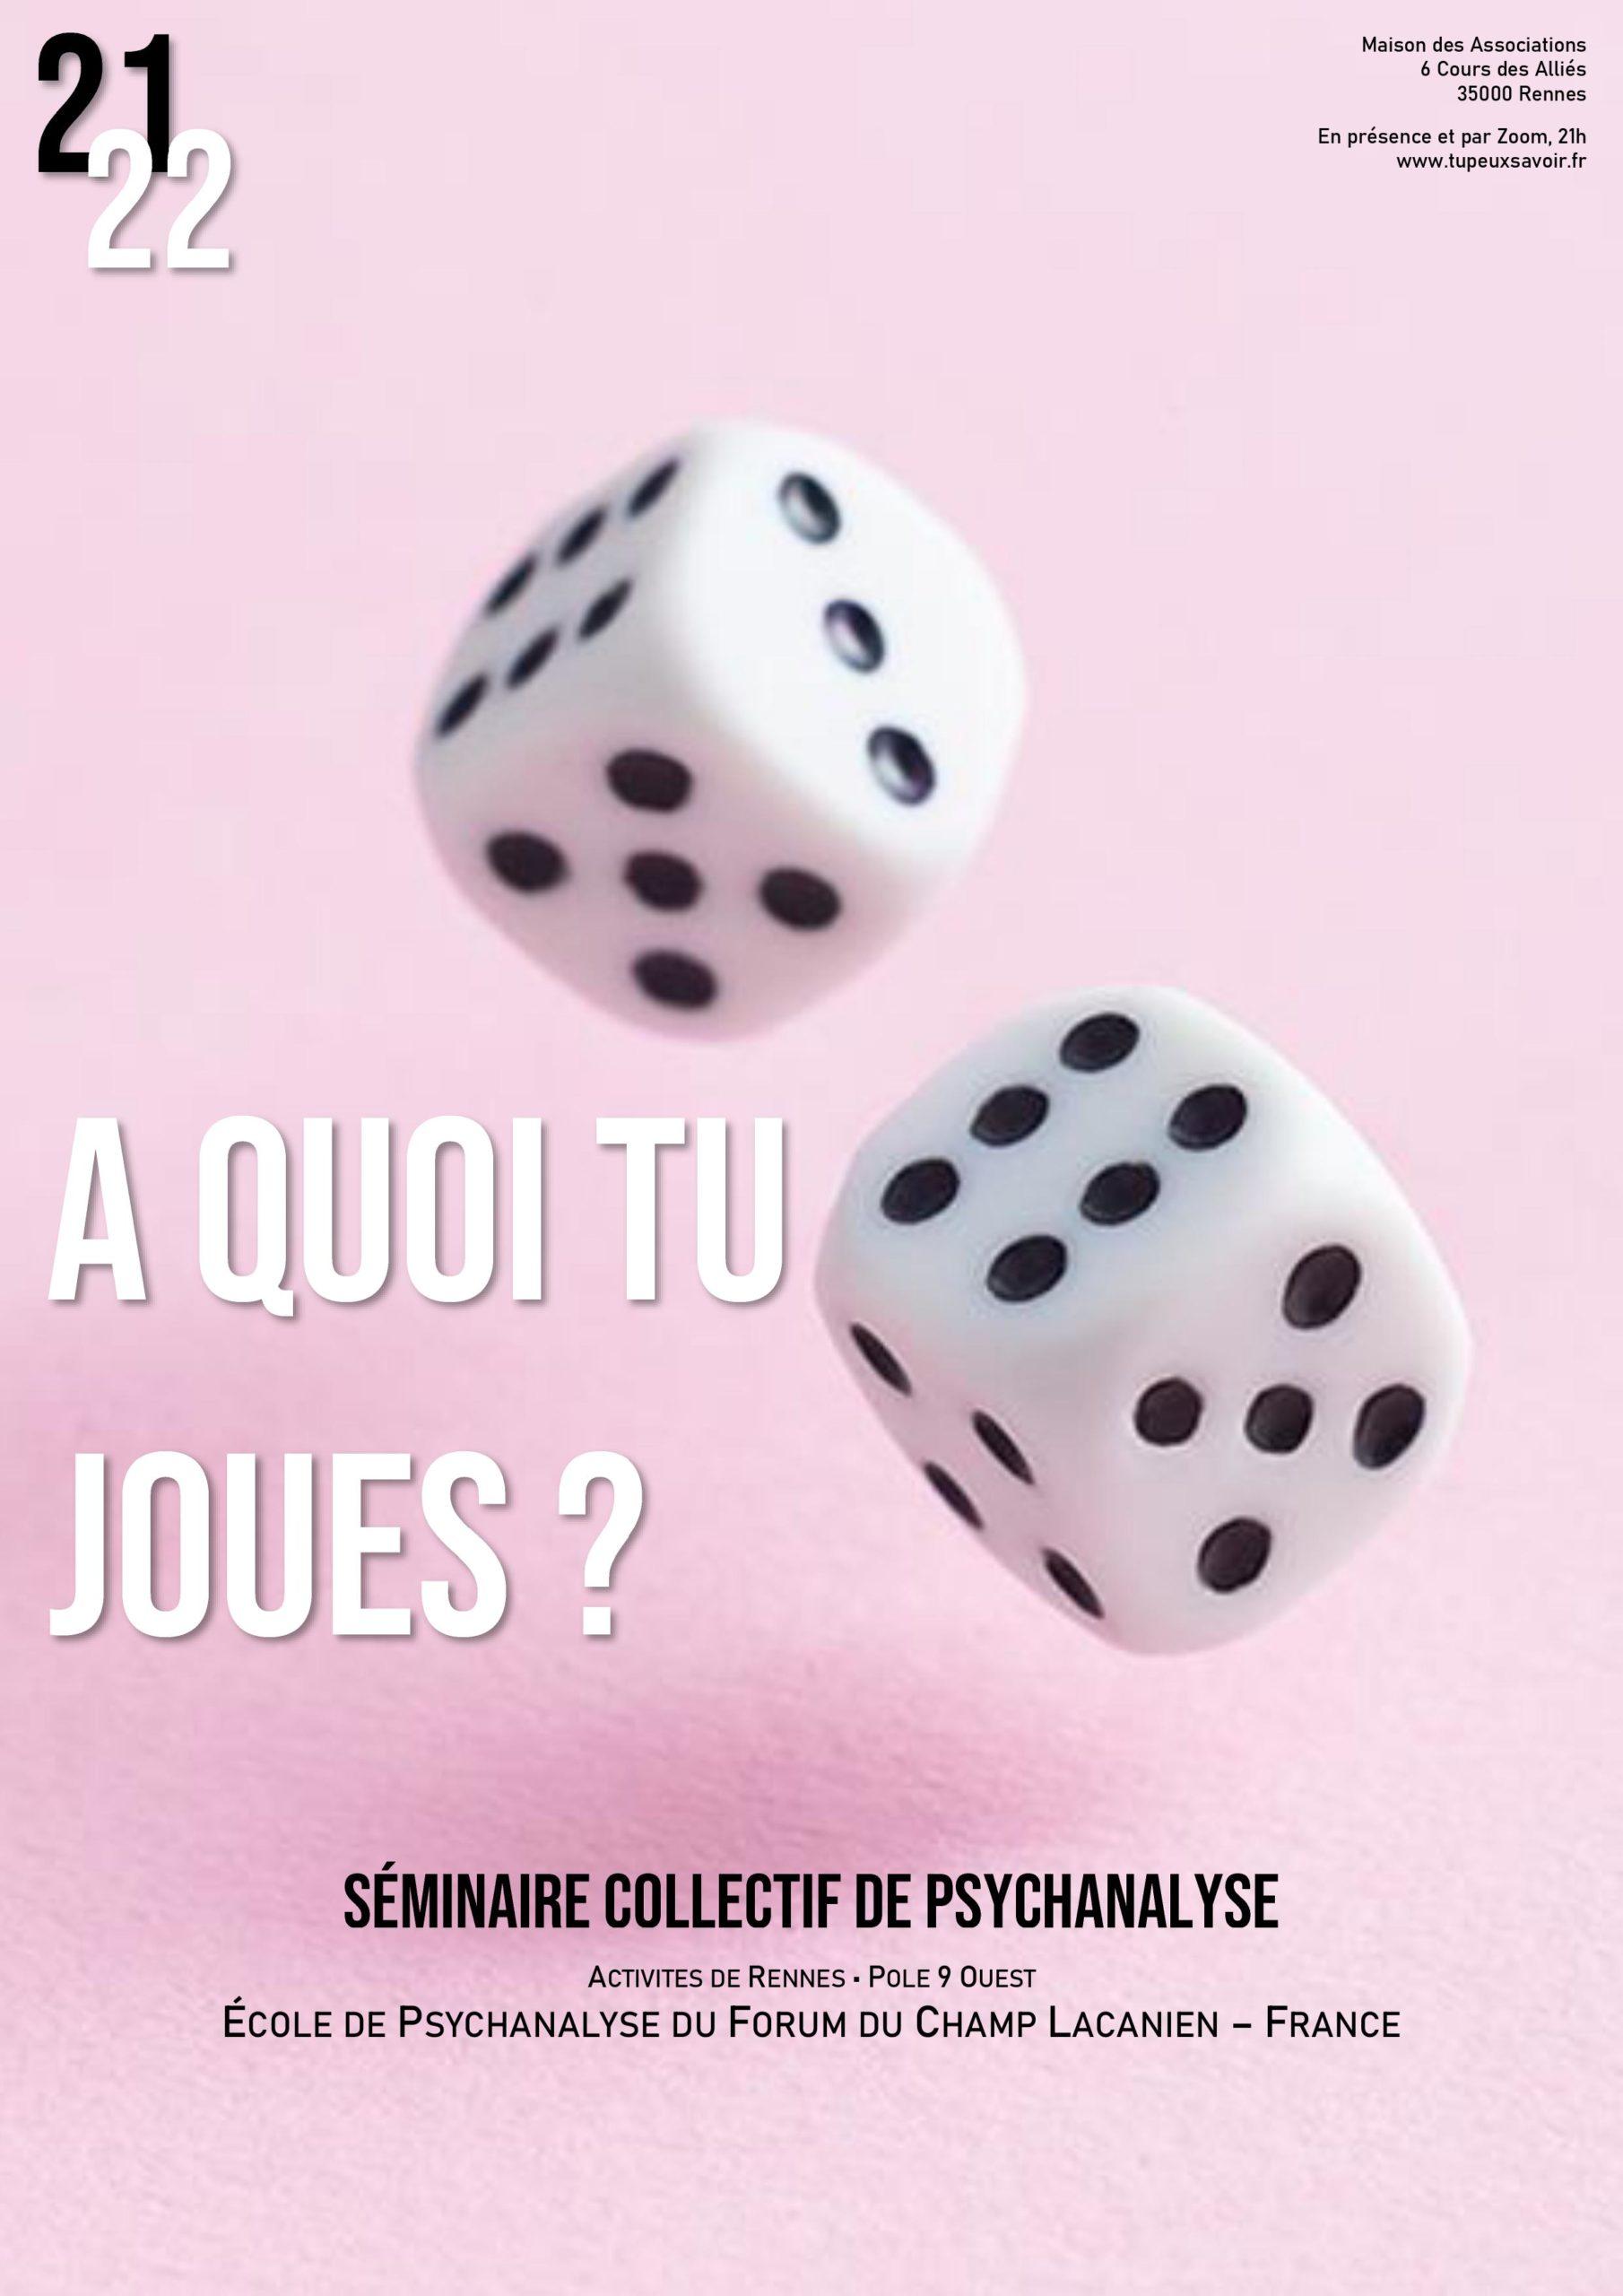 """Séminaire collectif de psychanalyse - """"A quoi tu joues ?"""""""